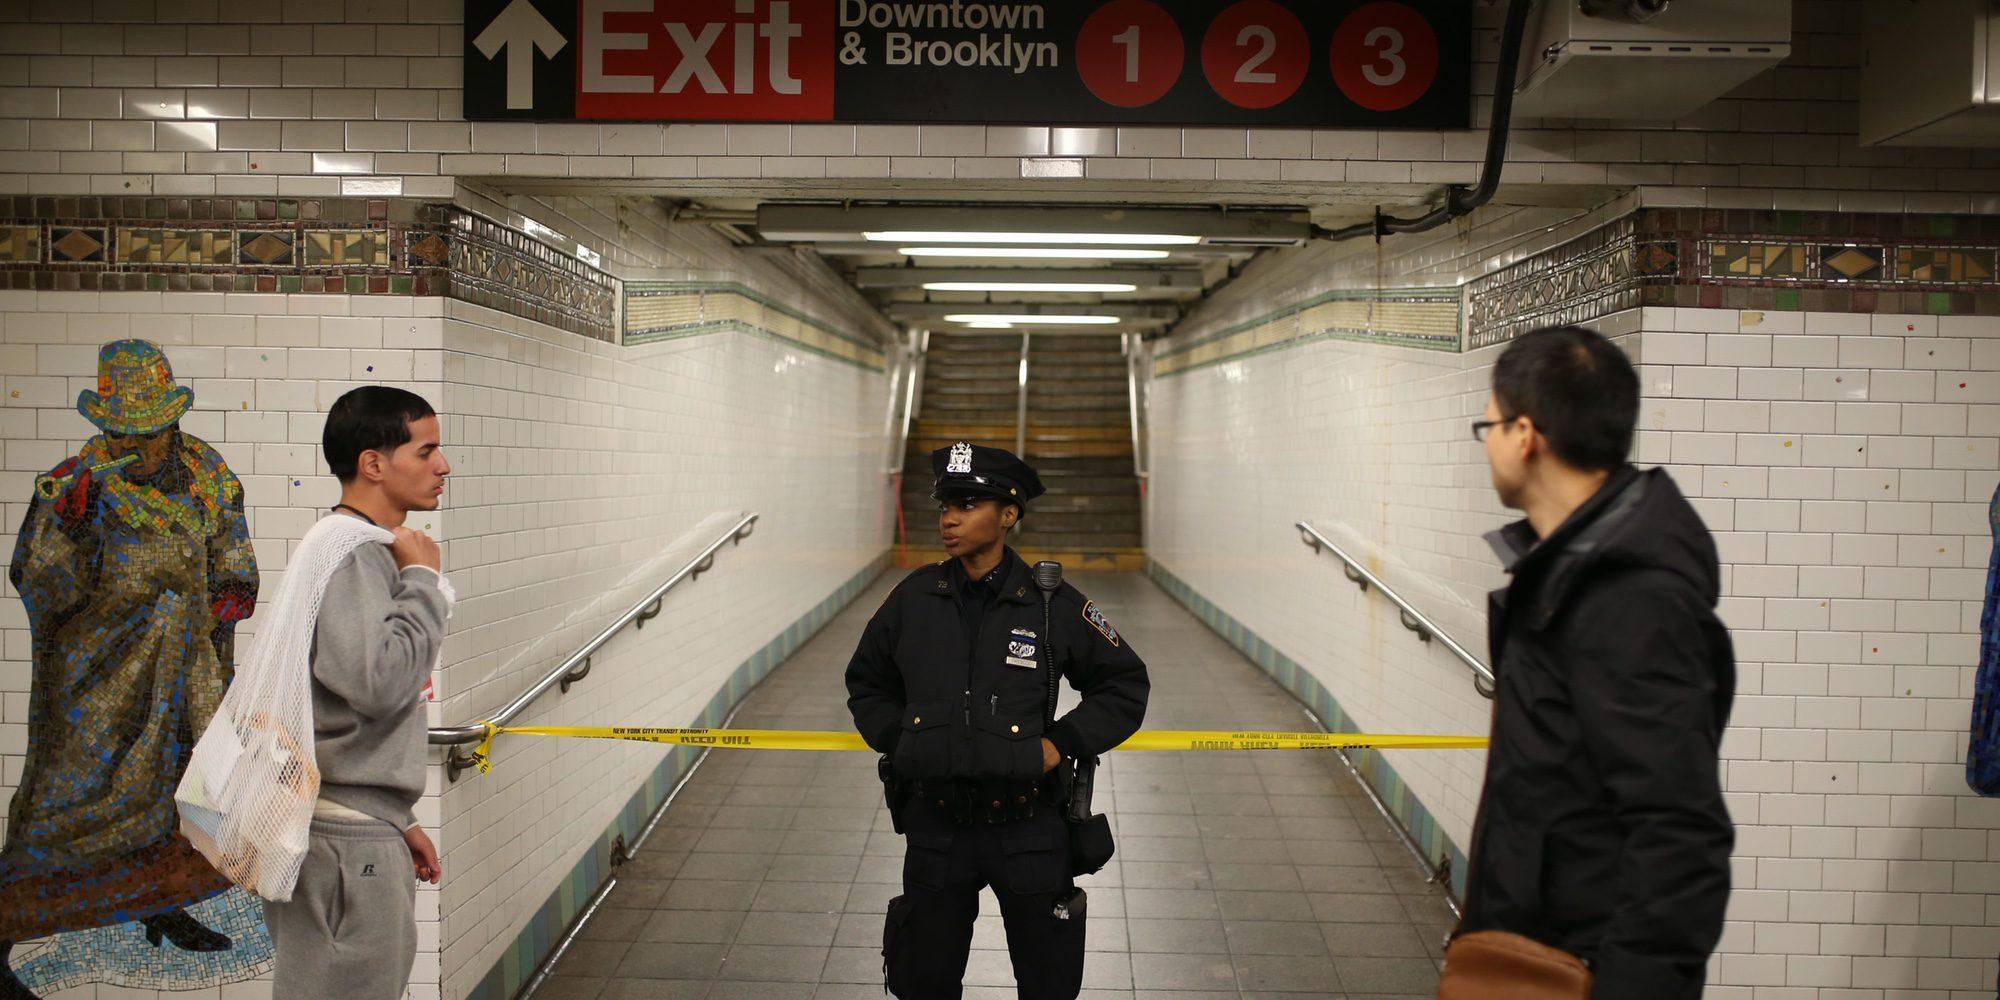 Una mujer muere tras ser empujada por otra a las vías del metro en una estación de Nueva York